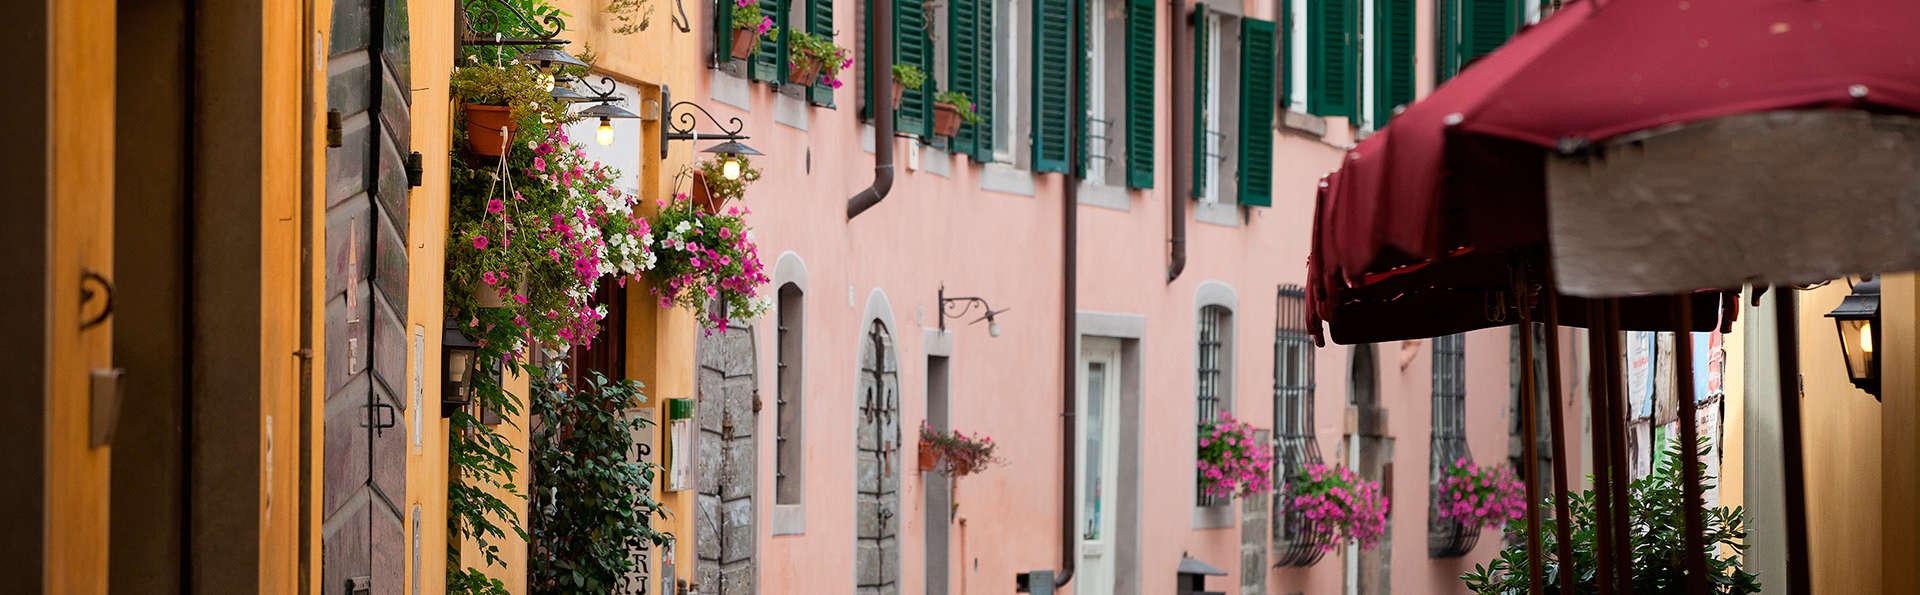 Benessere e Relax in Toscana con cena e ingresso alle Terme